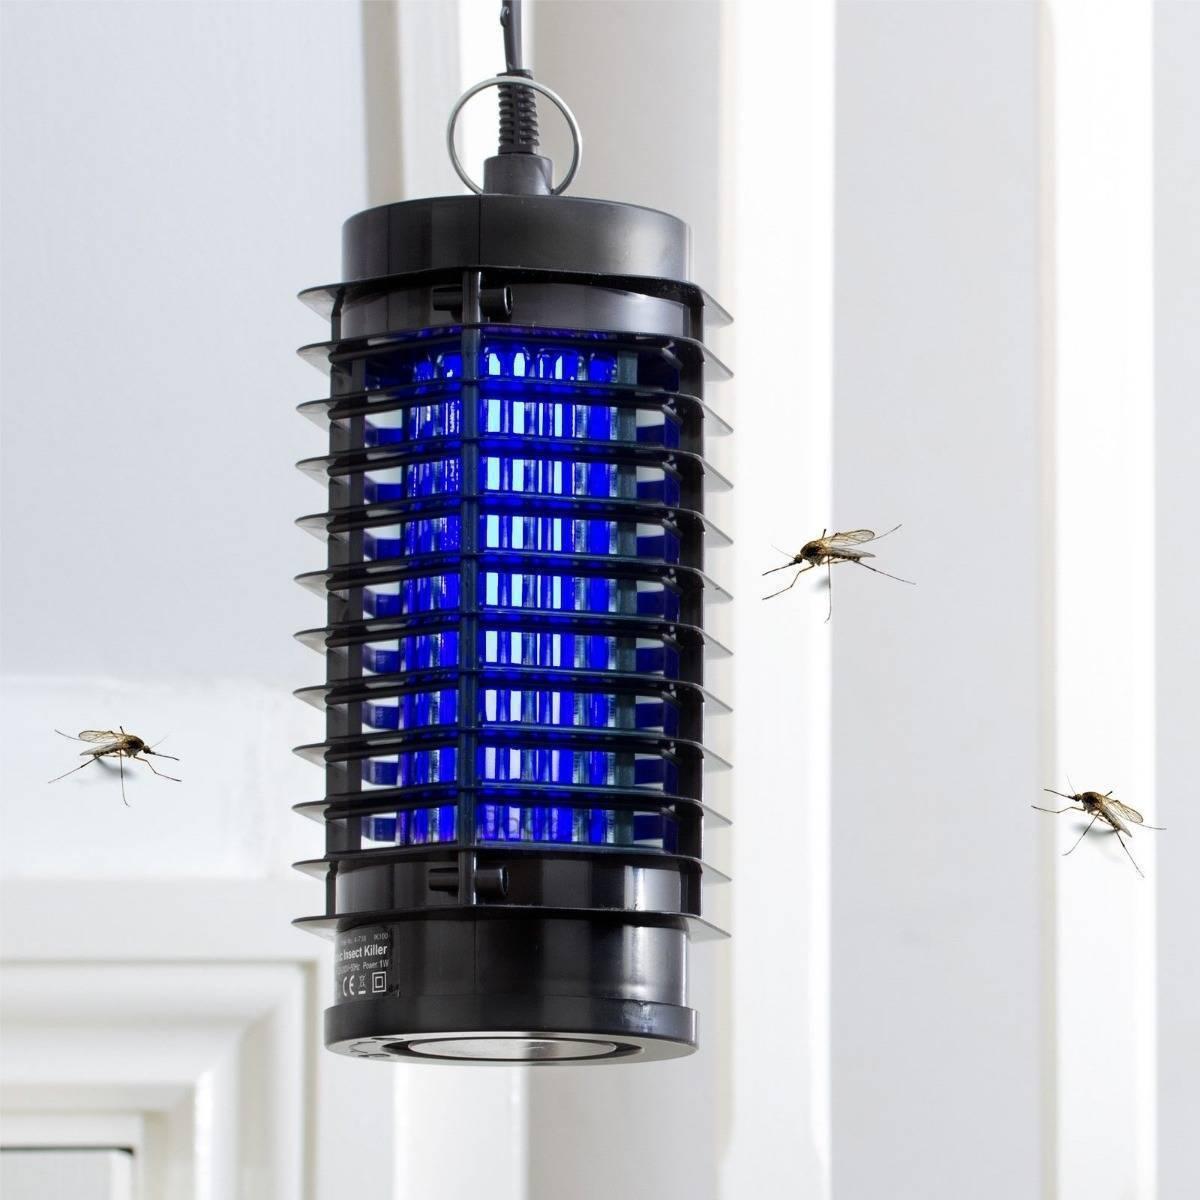 Электроника от комаров своими руками. обзор моделей ультразвуковых отпугивателей комаров. отзывы об использовании устройства